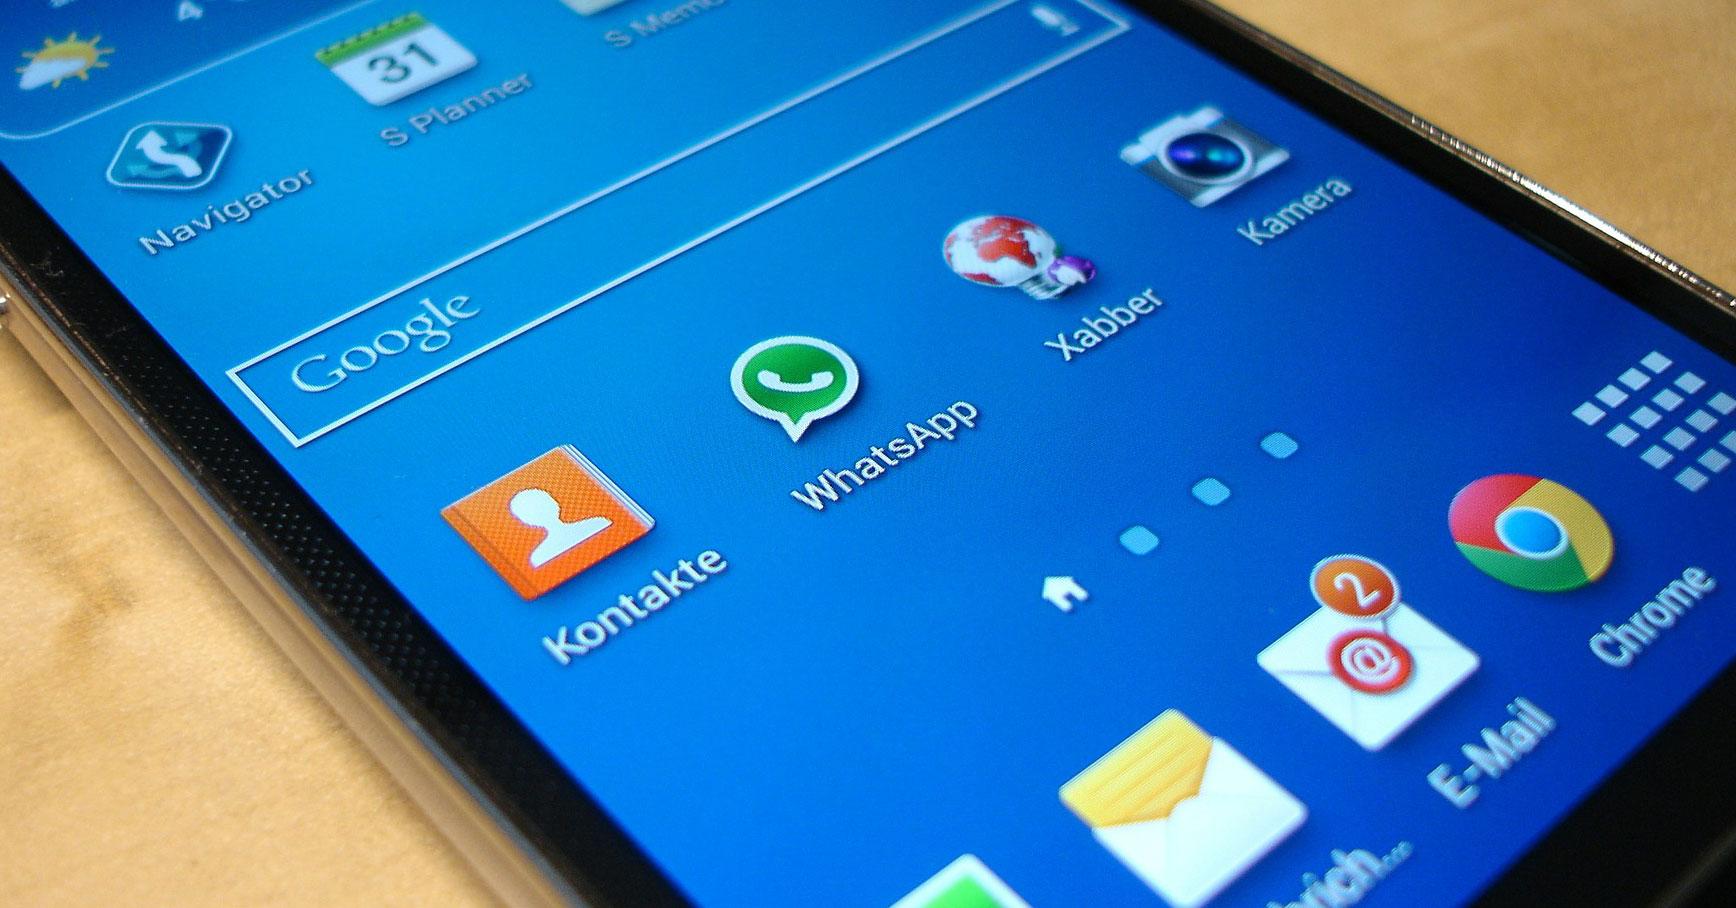 Samsung: Galaxy Note 5 mit 4k-Display?